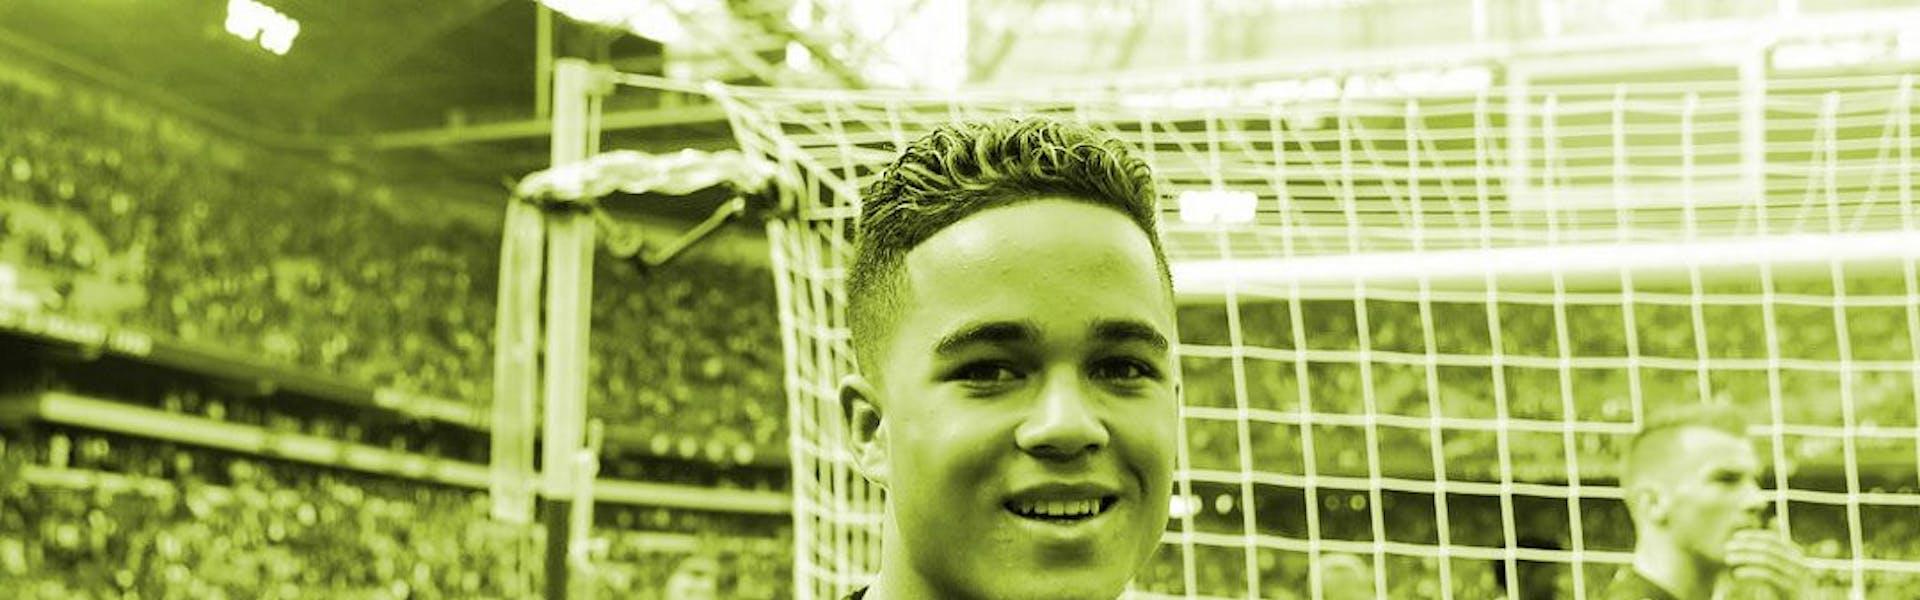 Kluivert, il piccolo